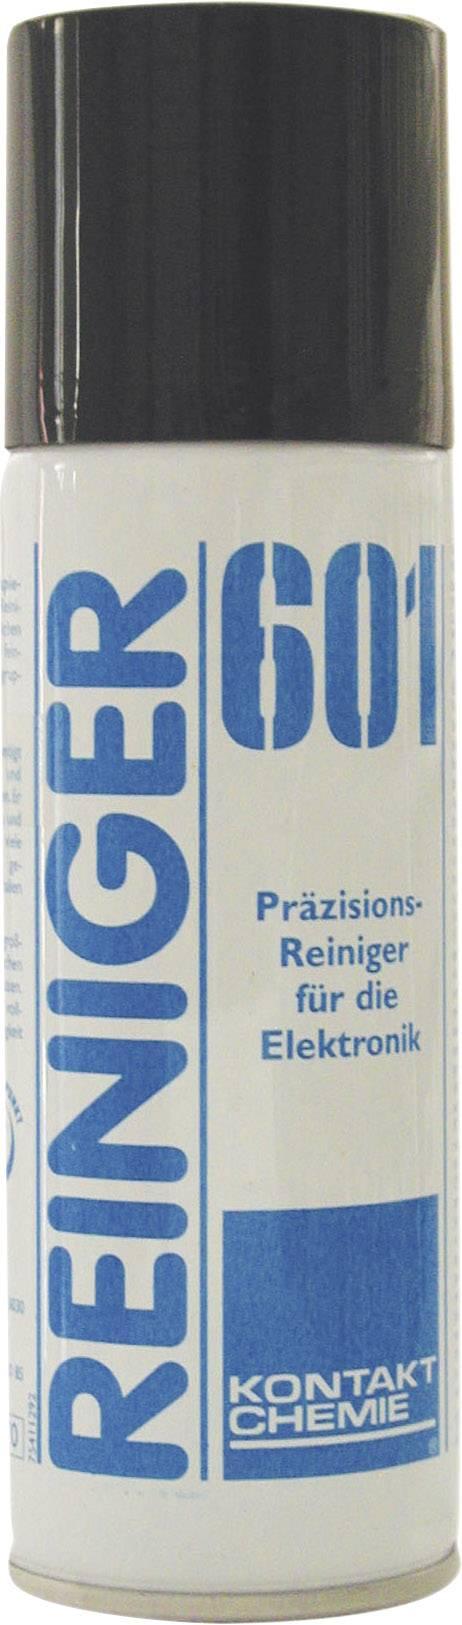 Precizní čistič Reiniger 601 CRC Kontakt Chemie 72809-AE 200 ml